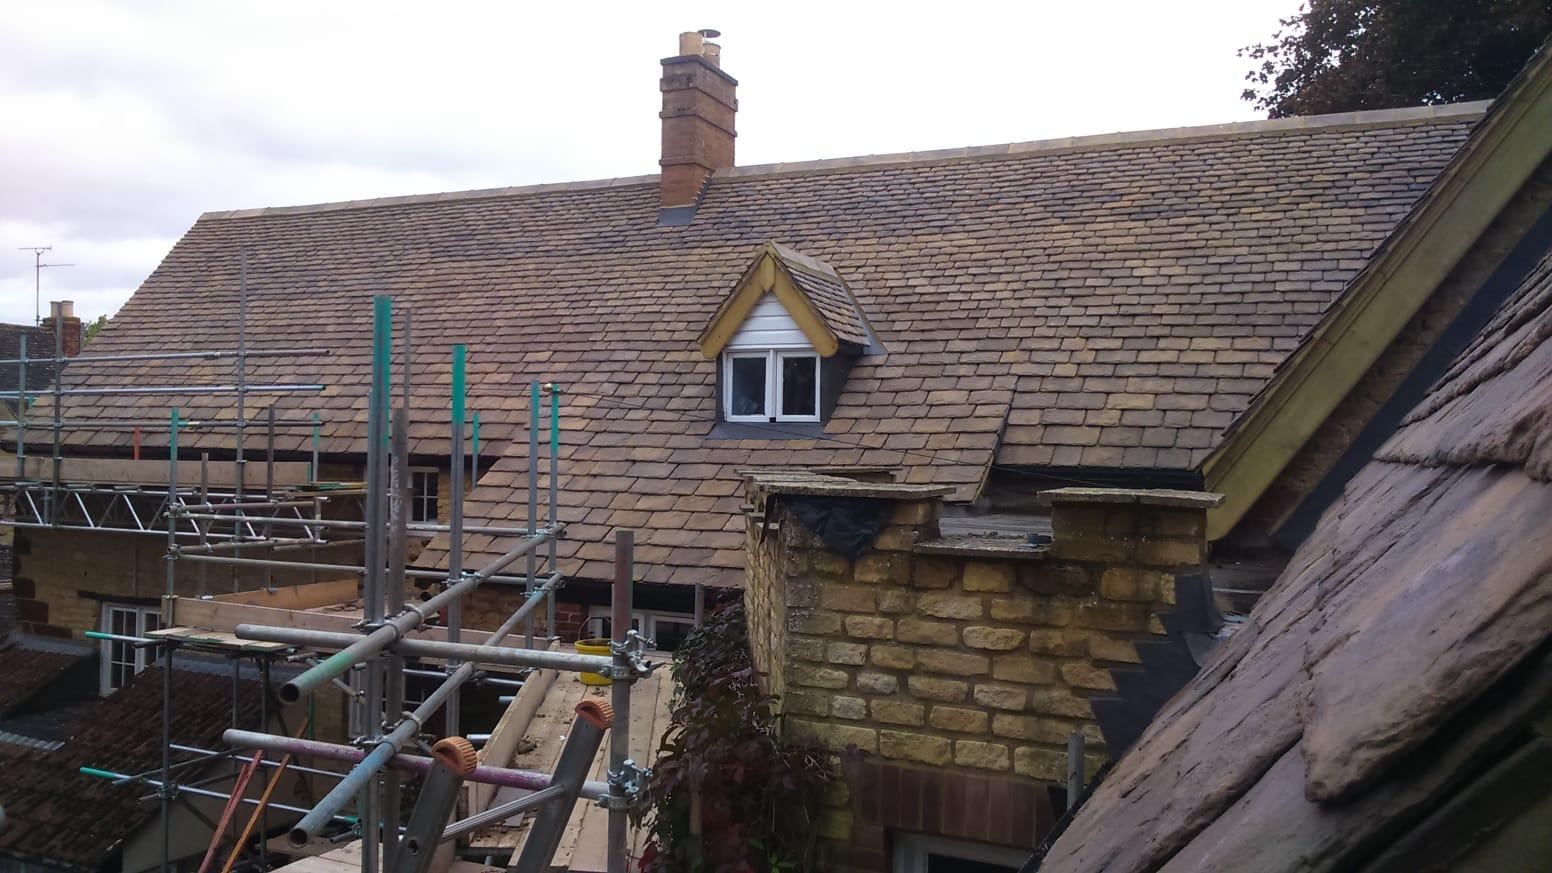 Warkton Roofing Roofing Contractors And Merchants Northamptonshire